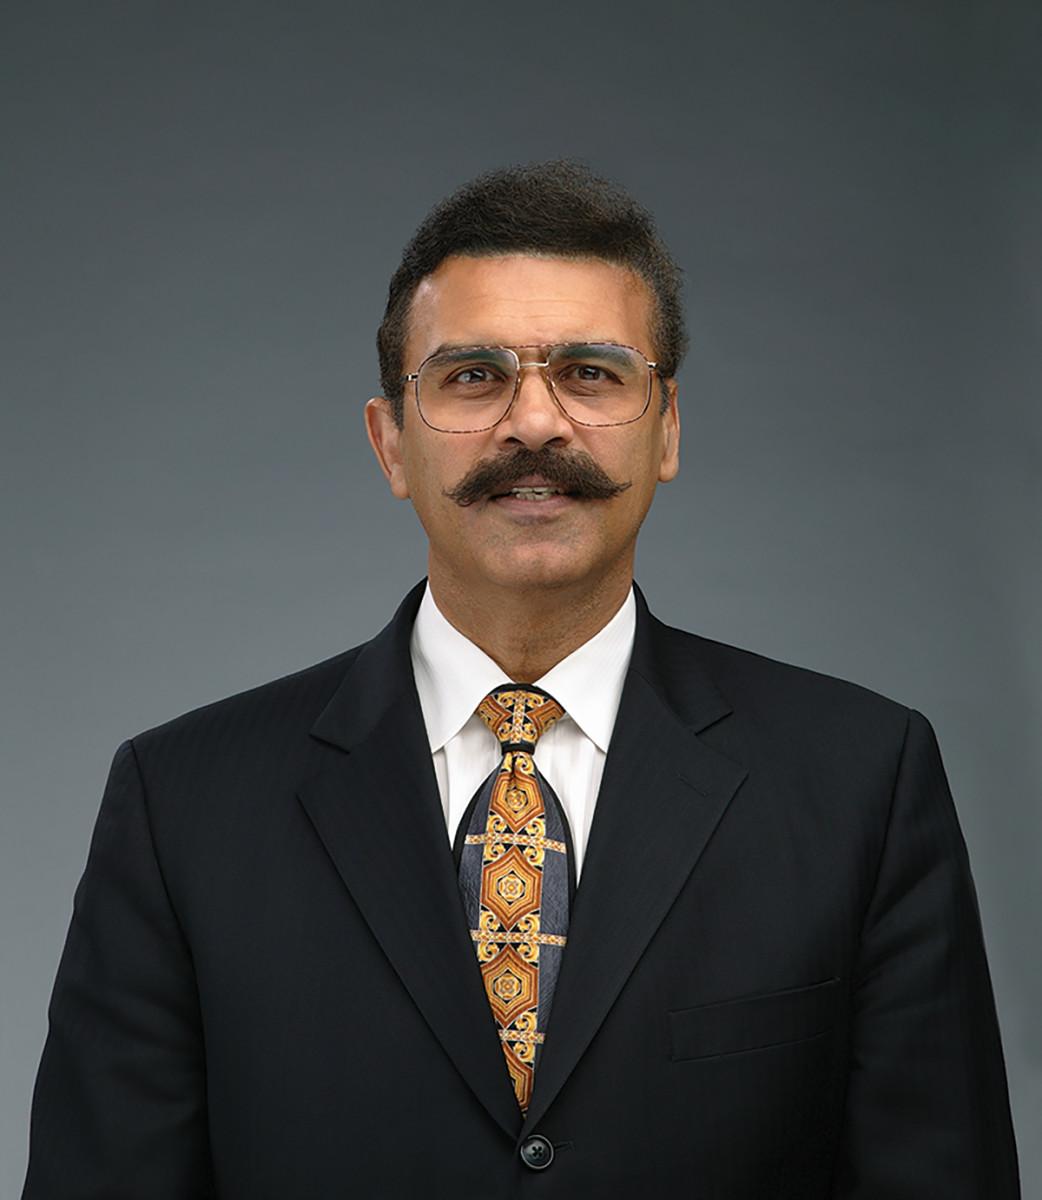 Shiraz Balolia